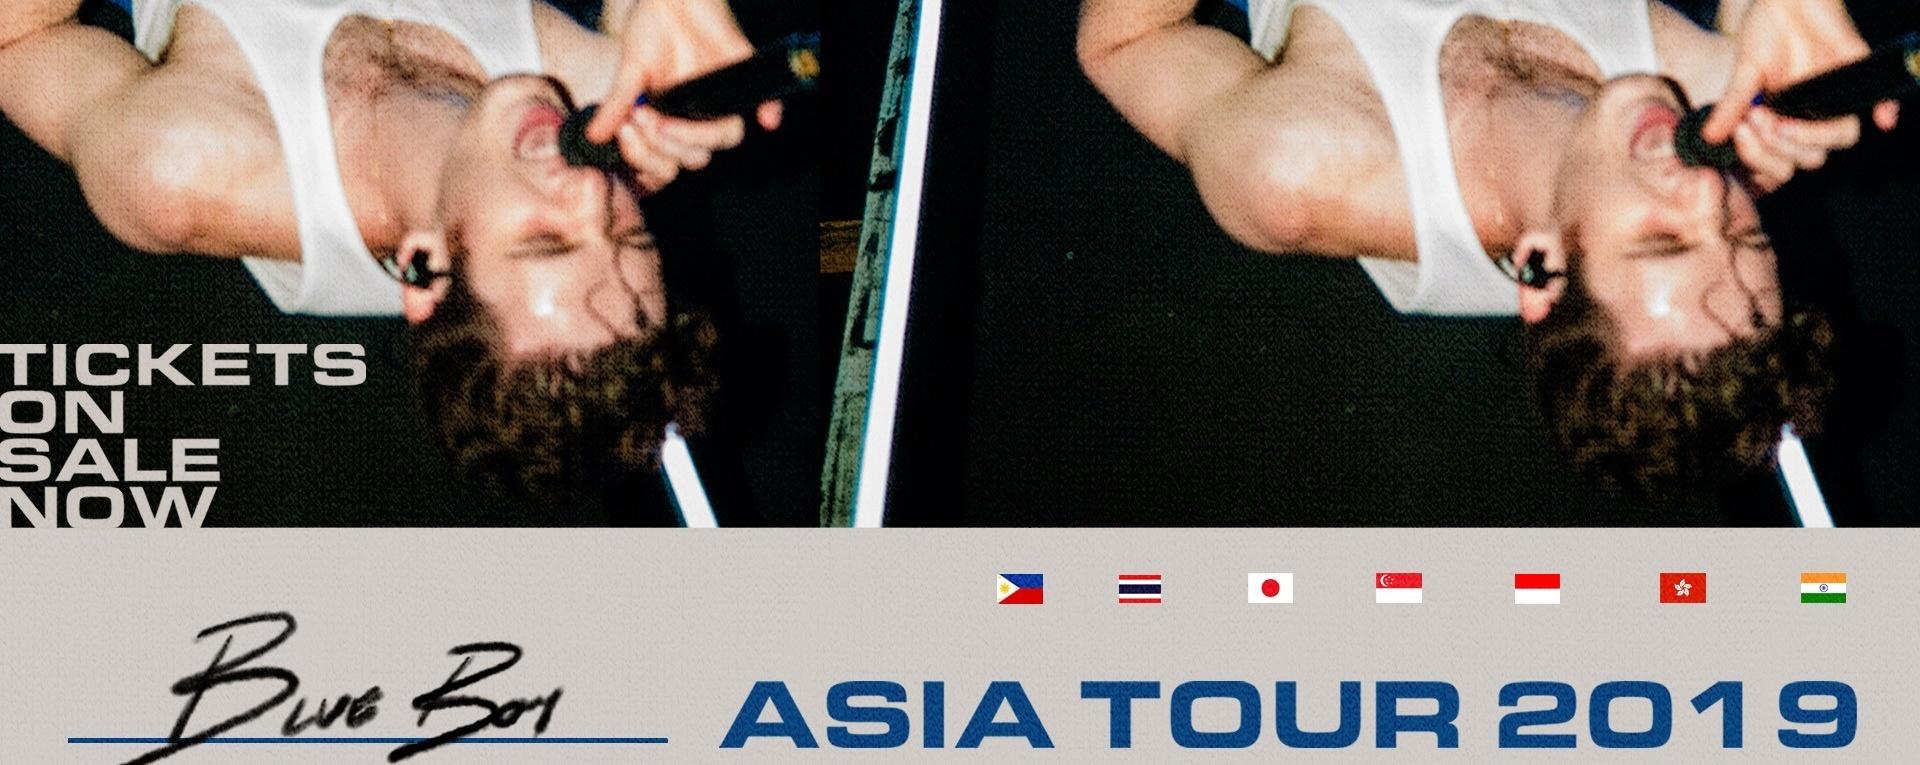 LAUV Asia Tour 2019 Singapore